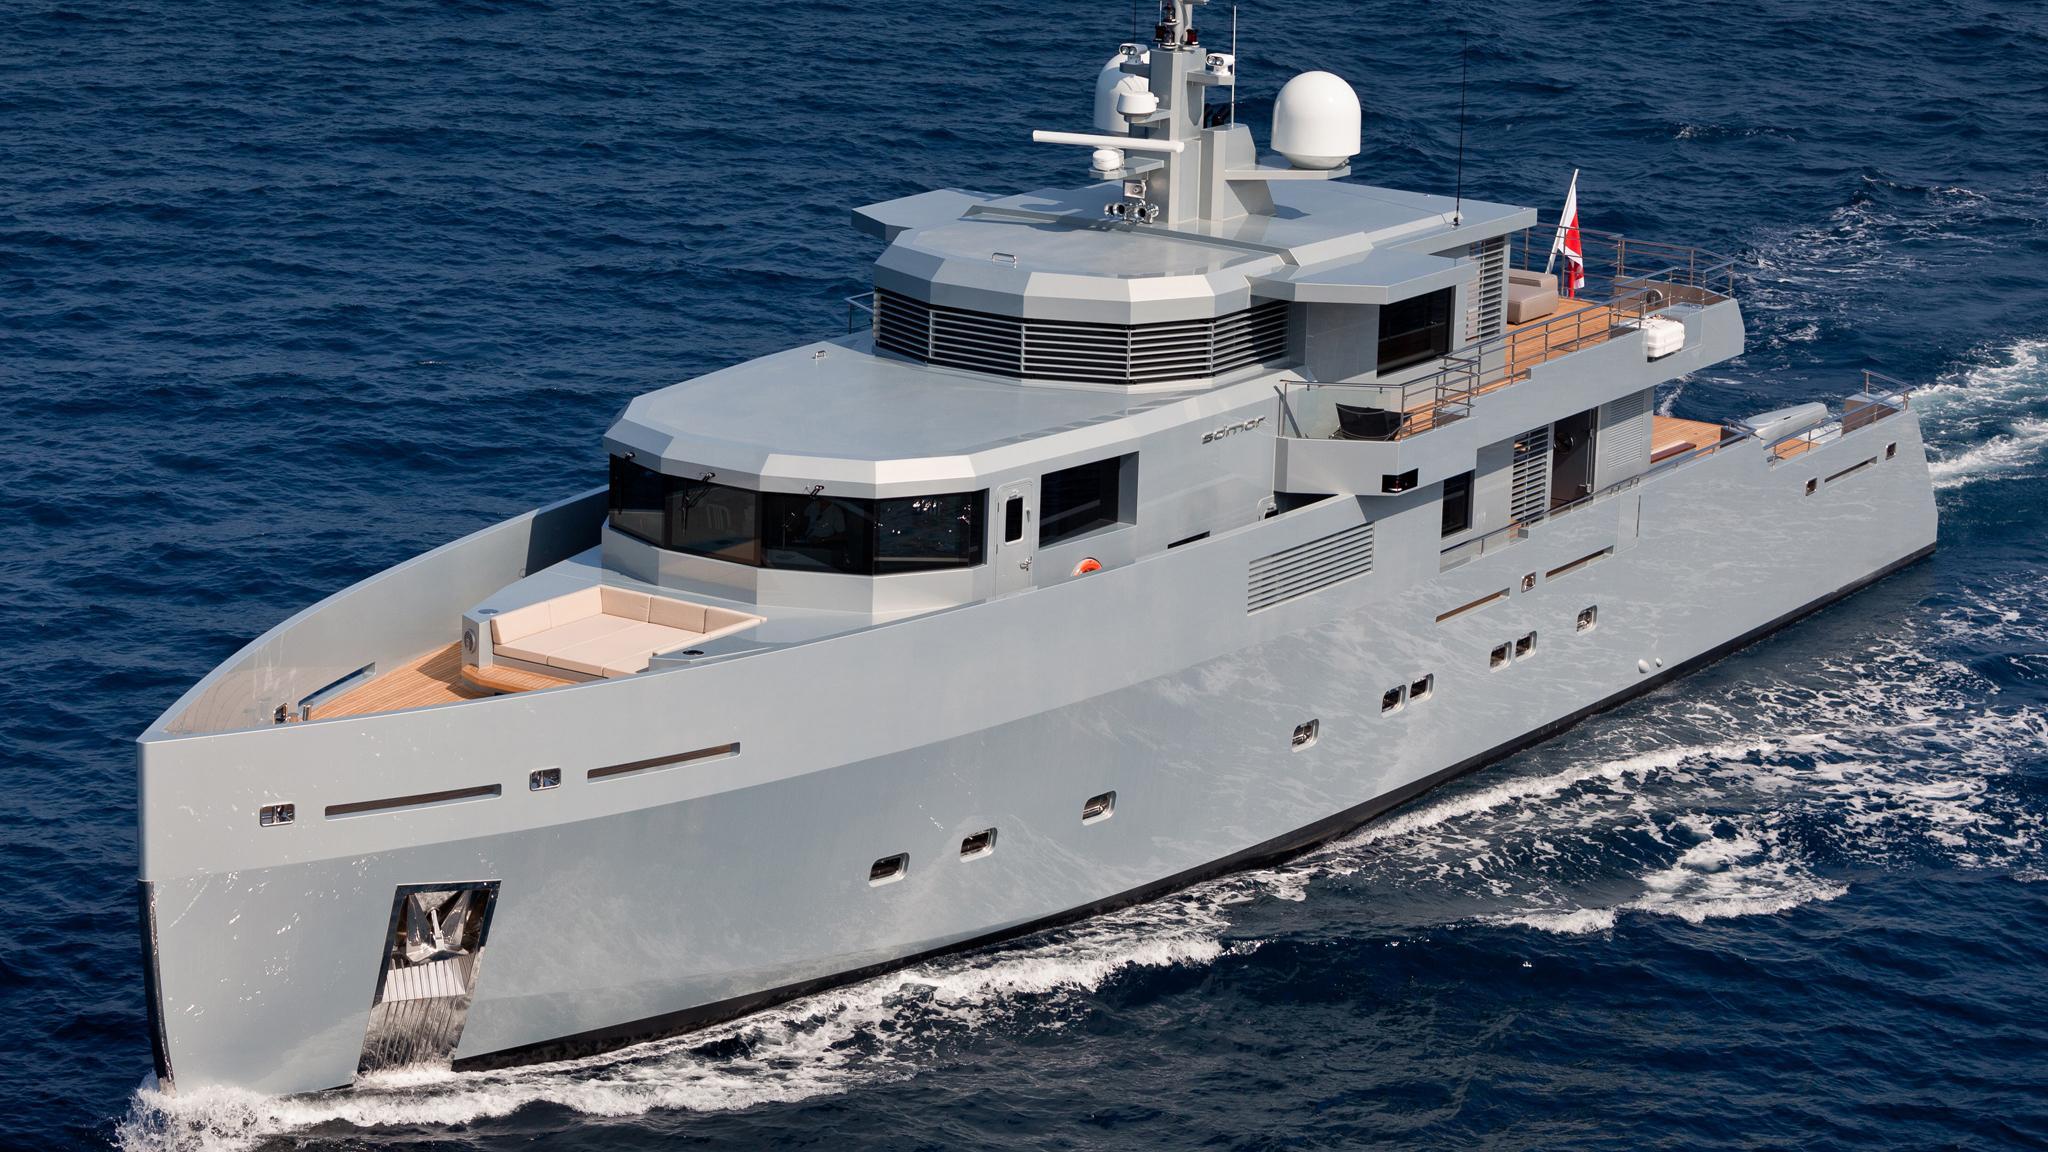 so-mar-motor-yacht-tansu-2014-38m-half-profile-cruising